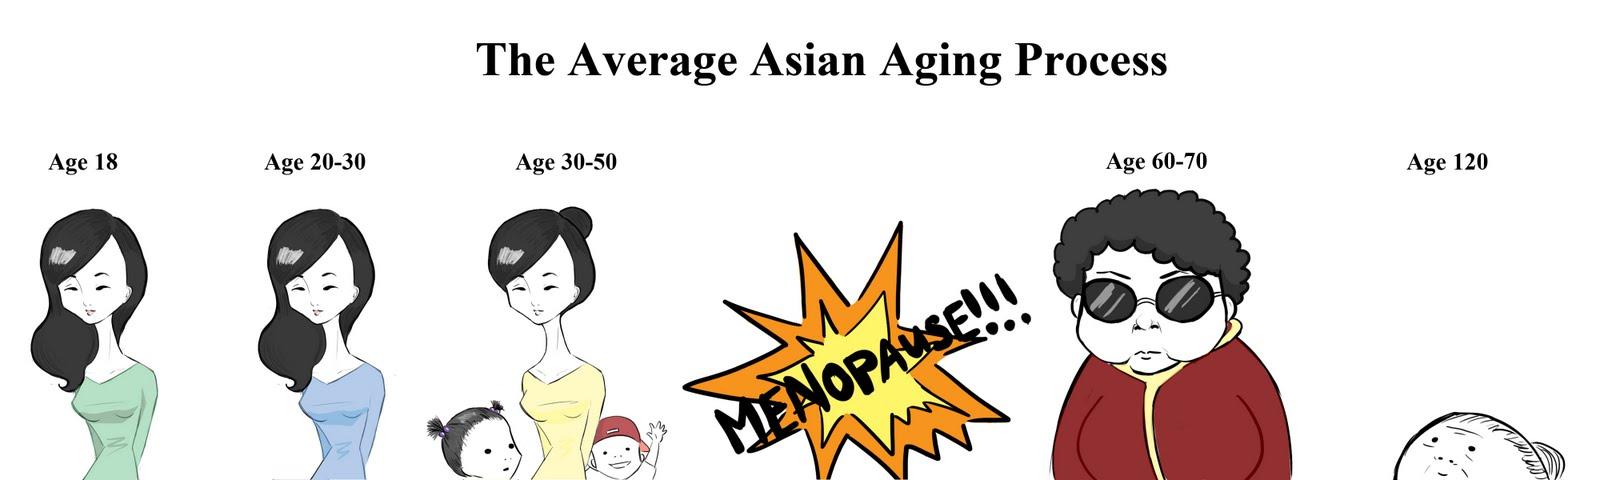 Asian women aging comic